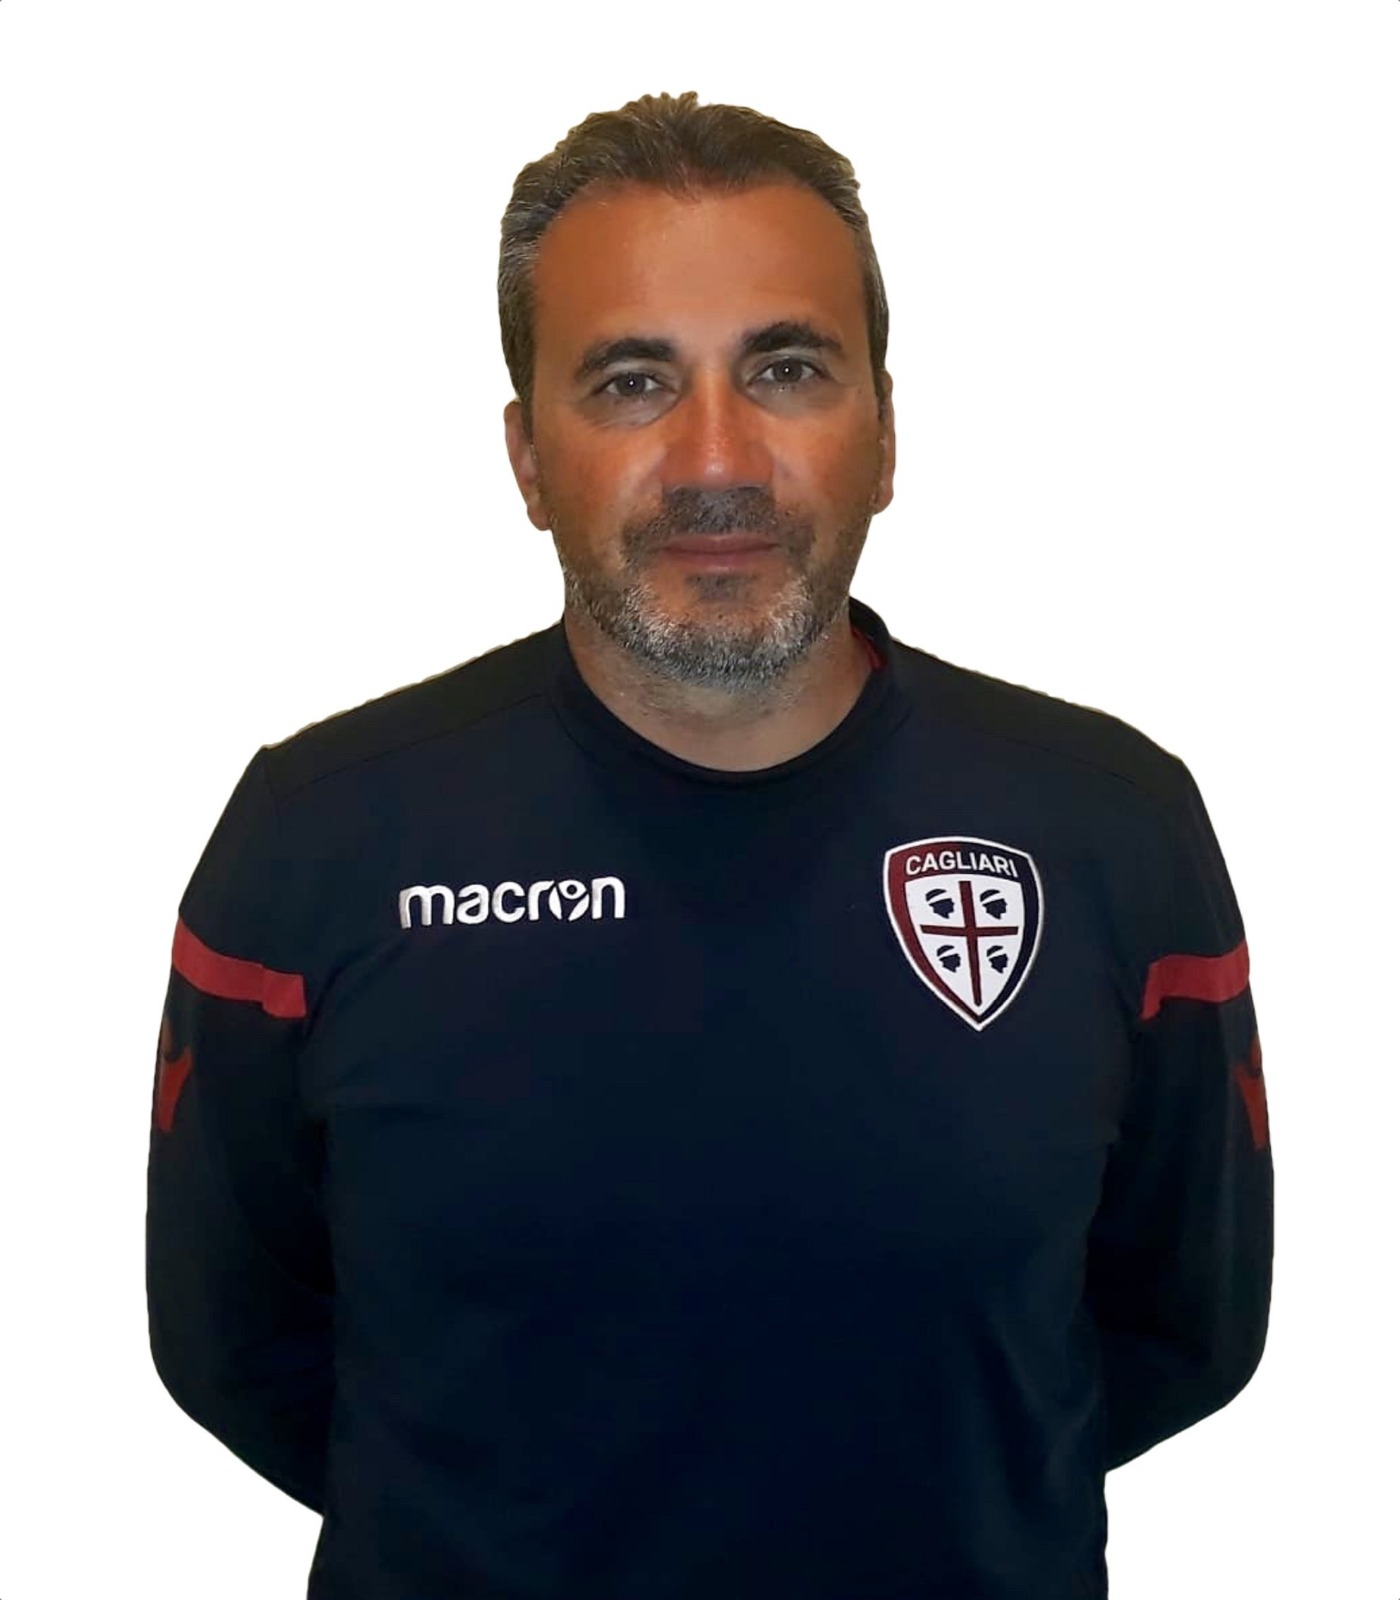 Insight into Italian goalkeepers at Cagliari, with Antonello Brambilla